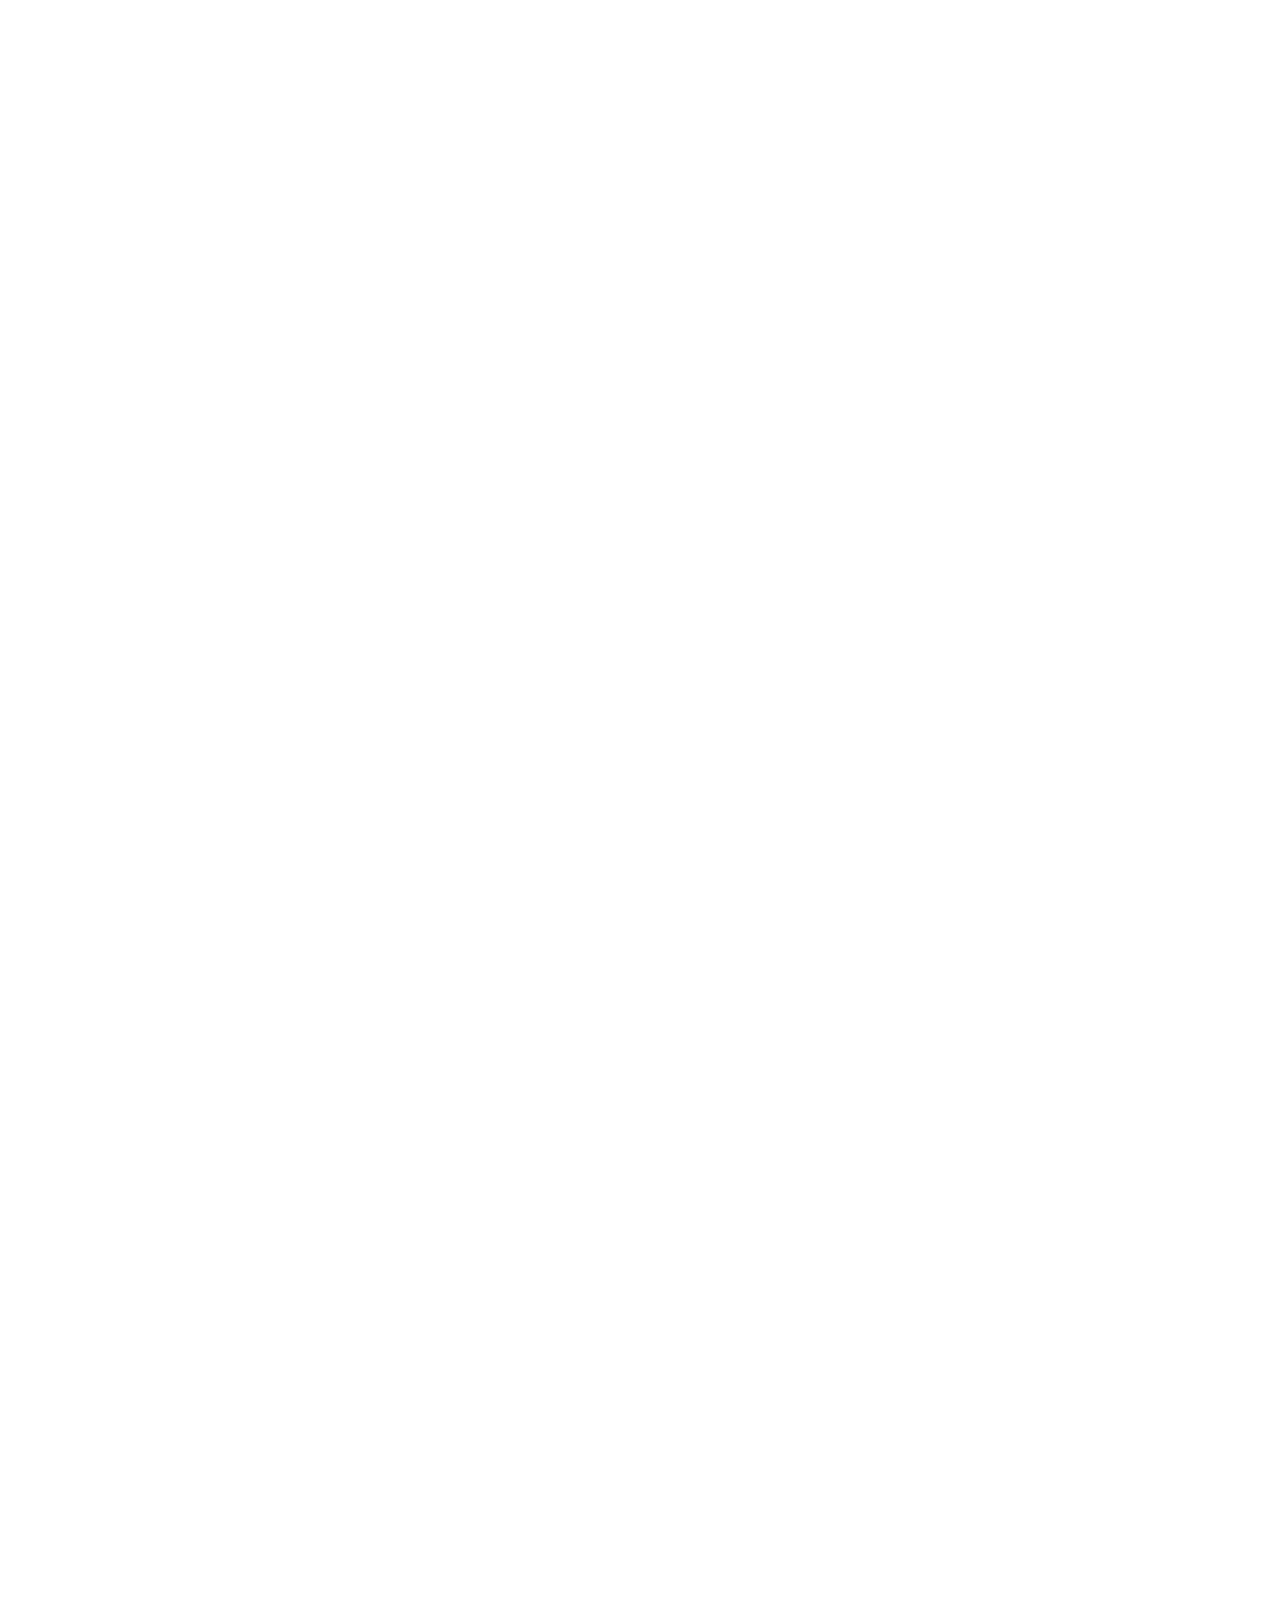 FARSALIA Standard Profile Arch Top 3/4's Lite Decorative Glass Double Iron Door – FARSALIA OID-6080-FAR1PAT